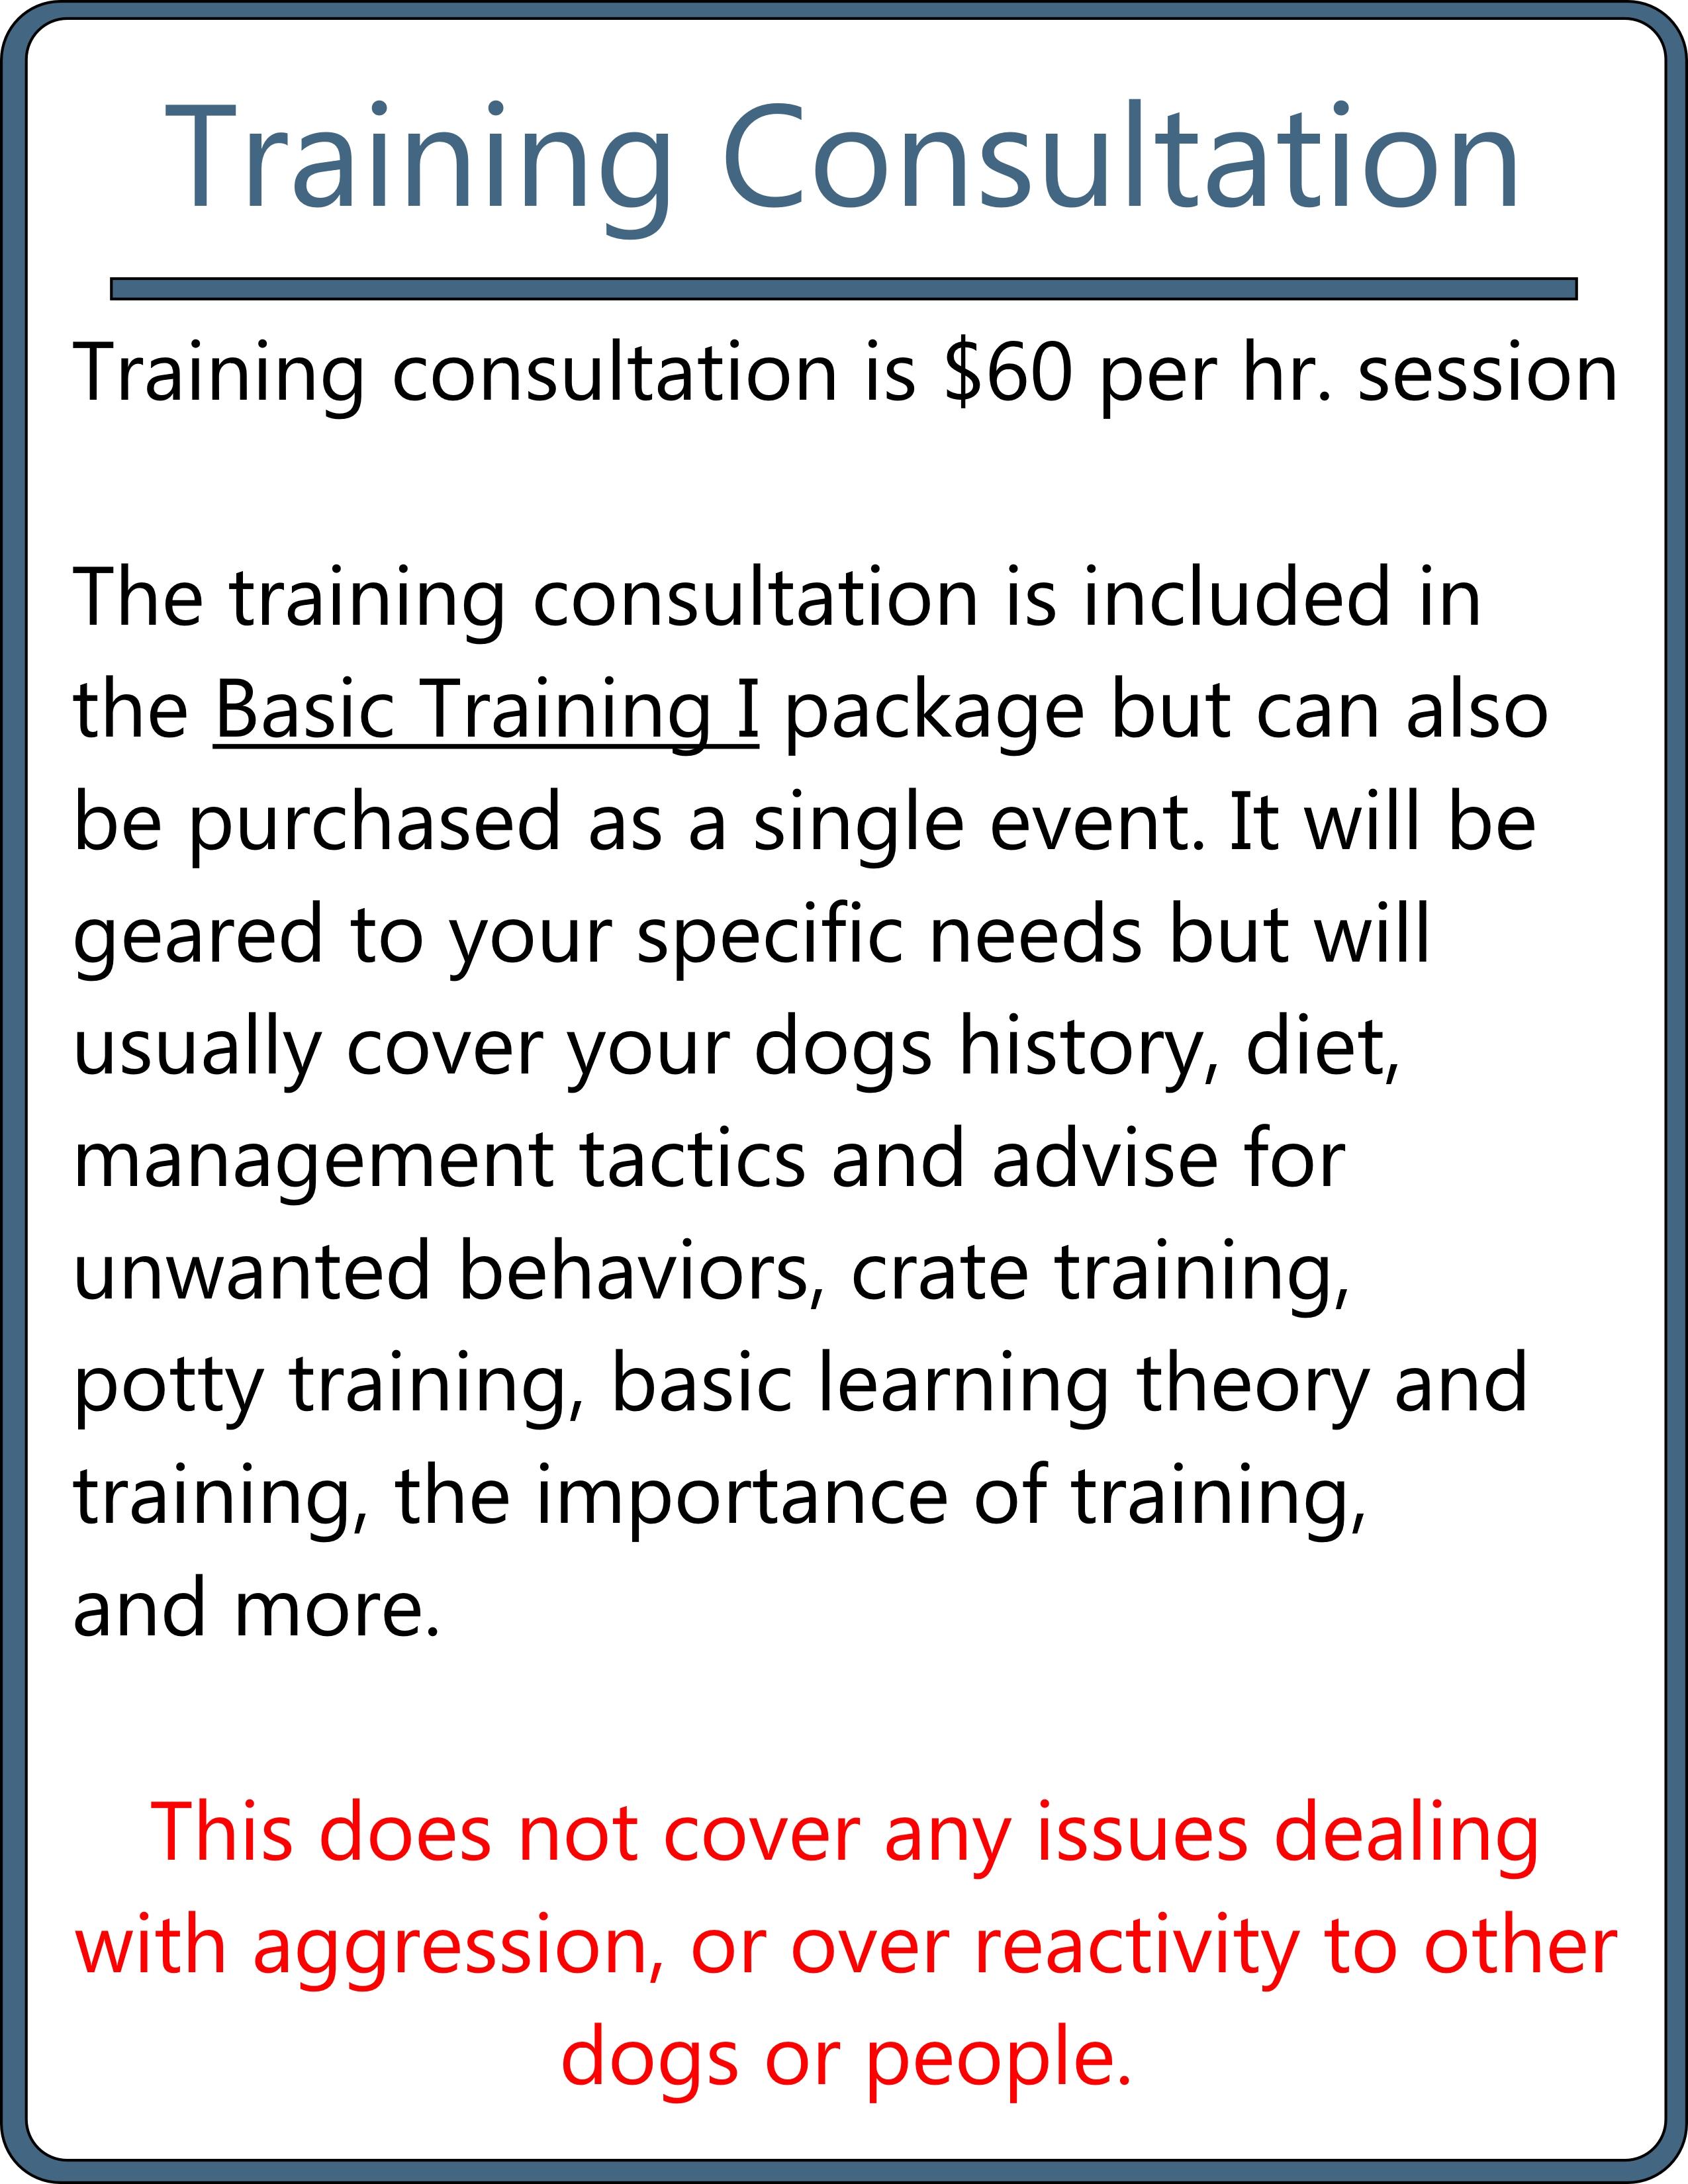 training consultation